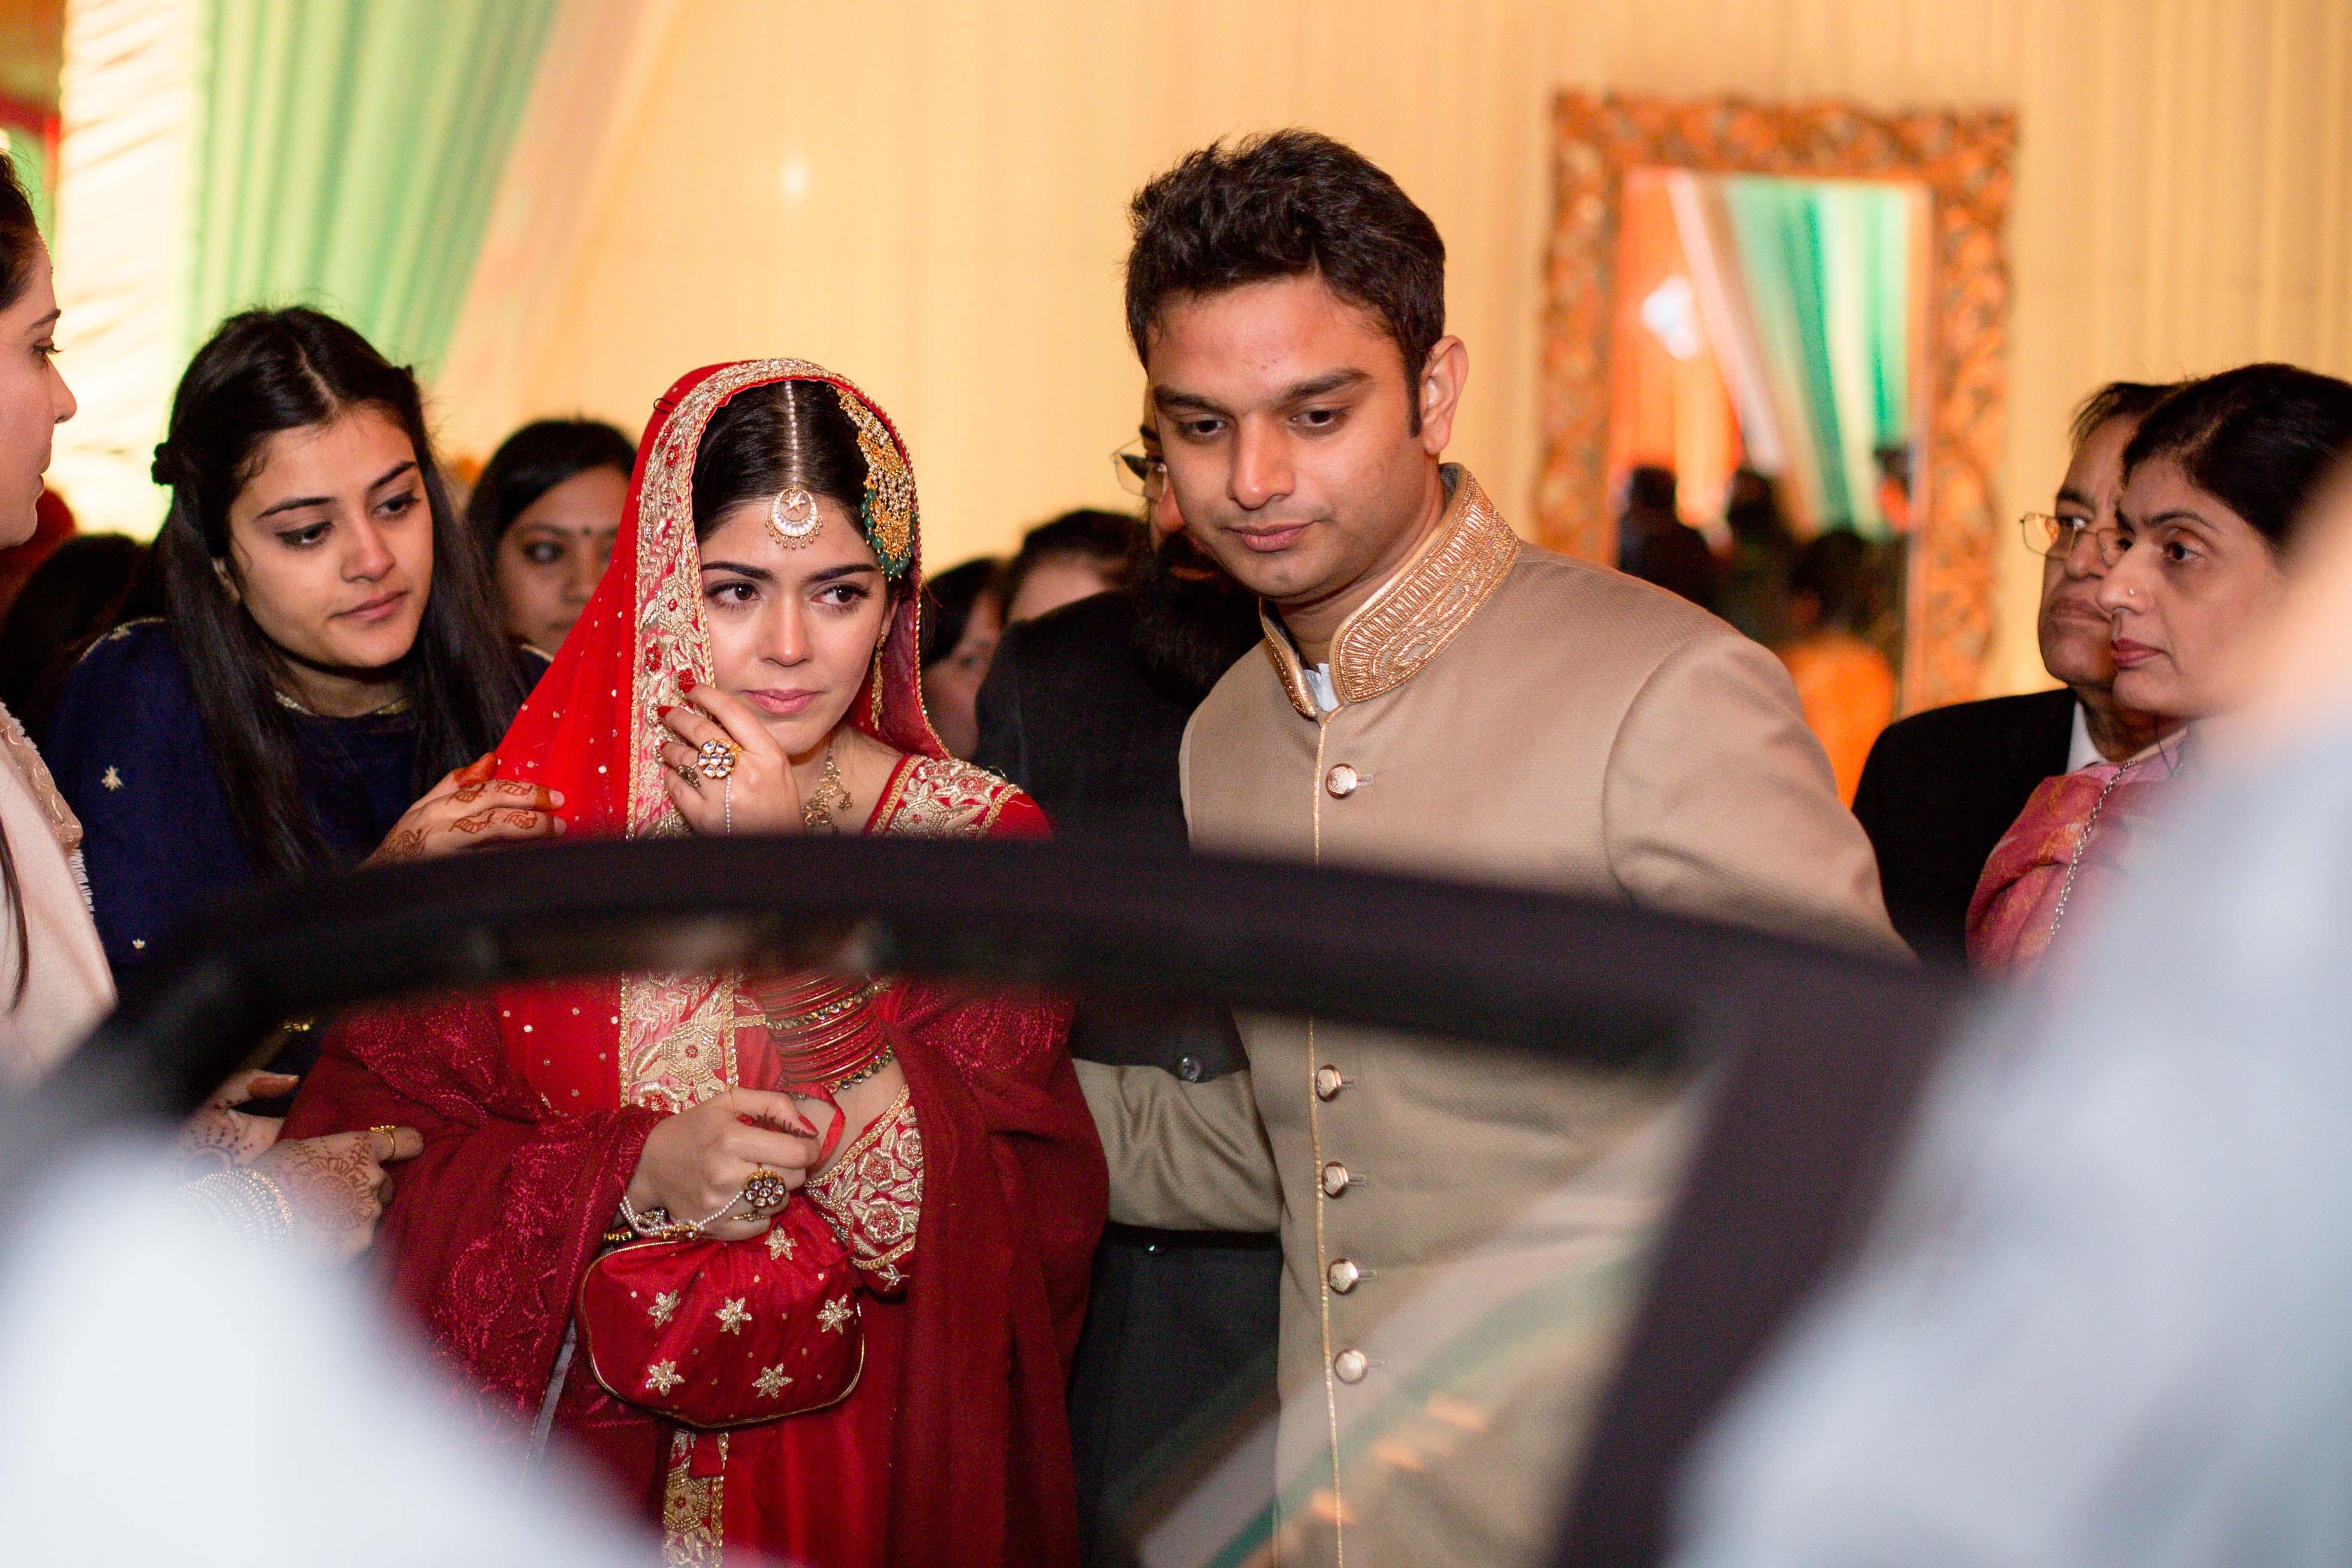 nikah, muslim groom, muslim bride, muslim wedding, wedding photographer, camera waale baraati